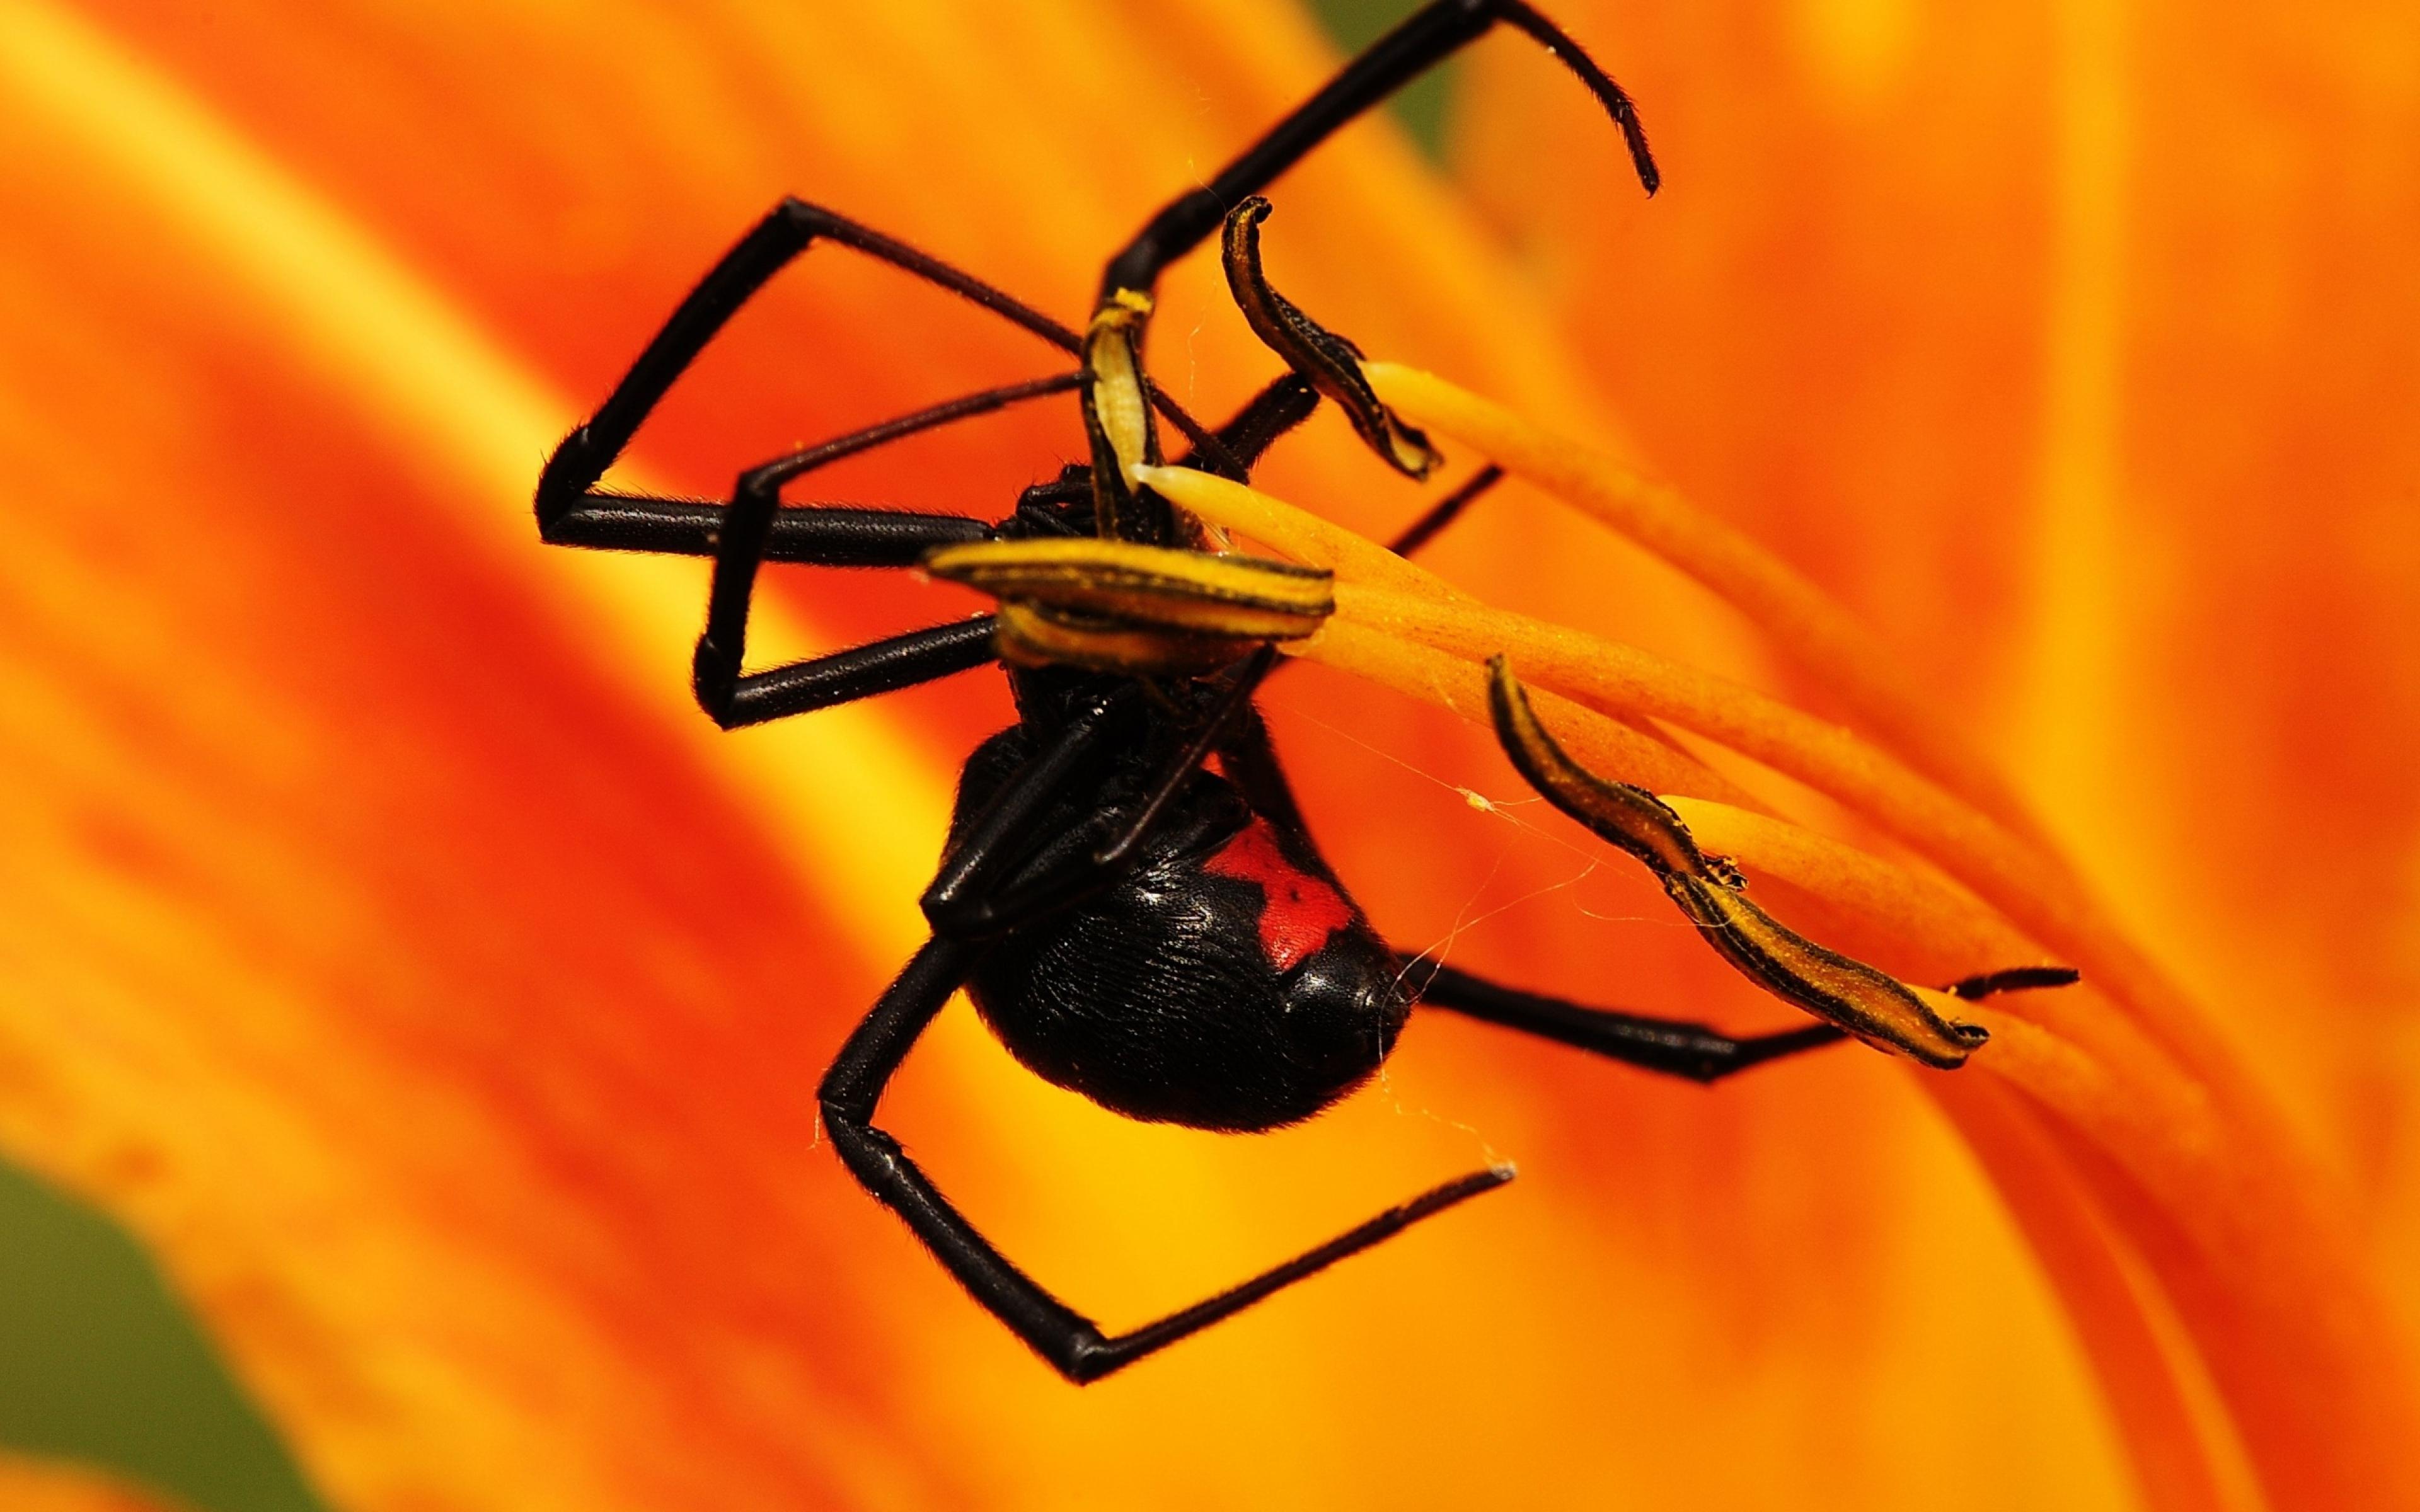 Spider Wallpaper 3840x2400 ID57690   WallpaperVortexcom 3840x2400